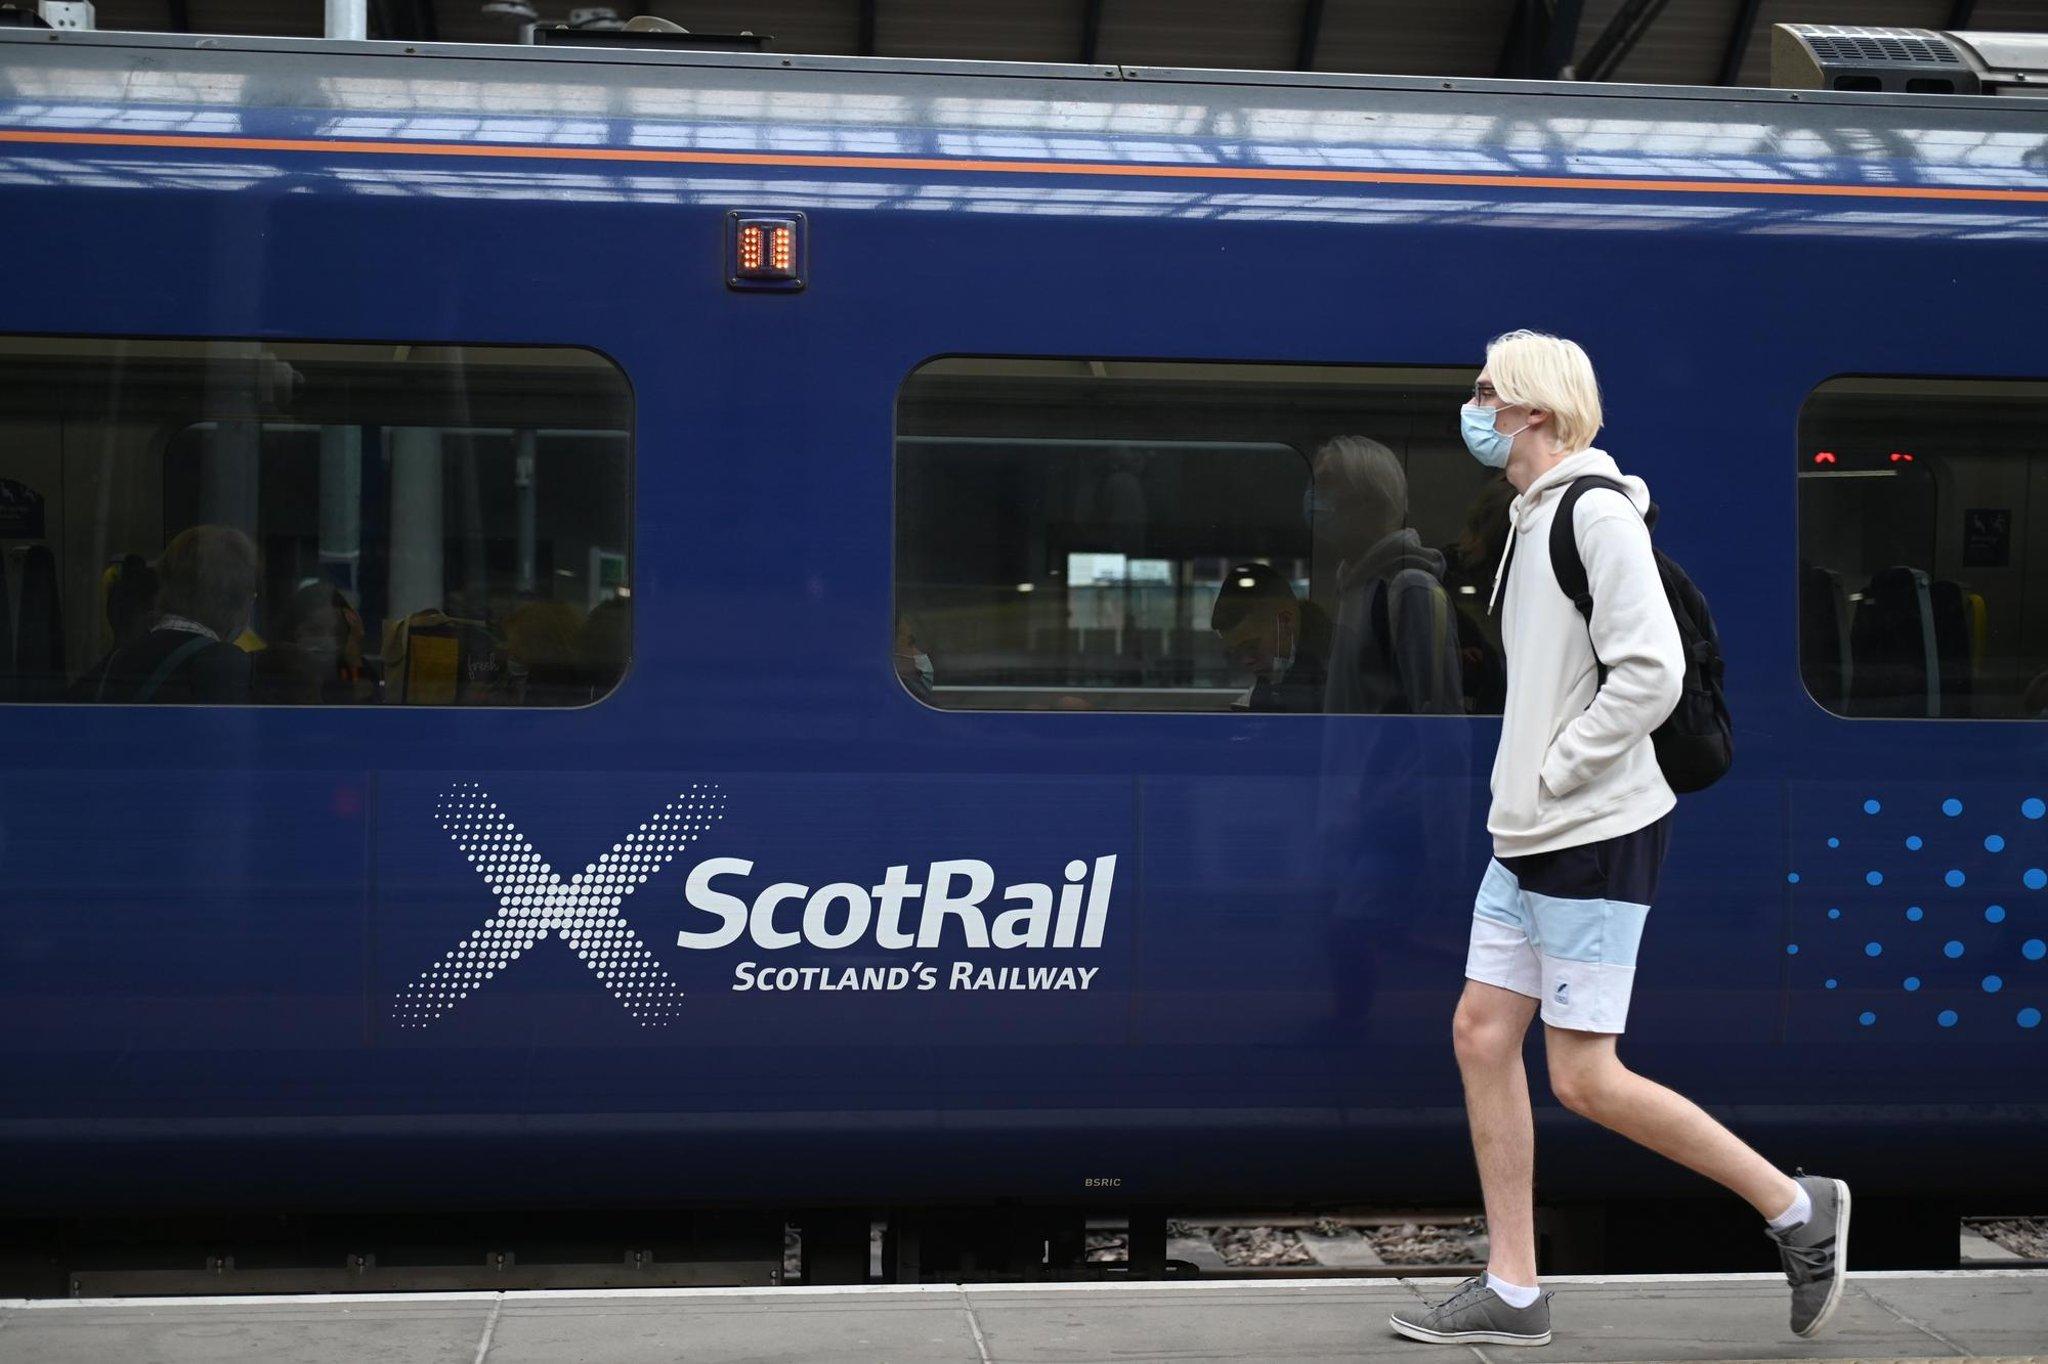 COP26: Pekerja kereta api dan menolak kolektor untuk mogok di Skotlandia selama konferensi iklim global Cop26